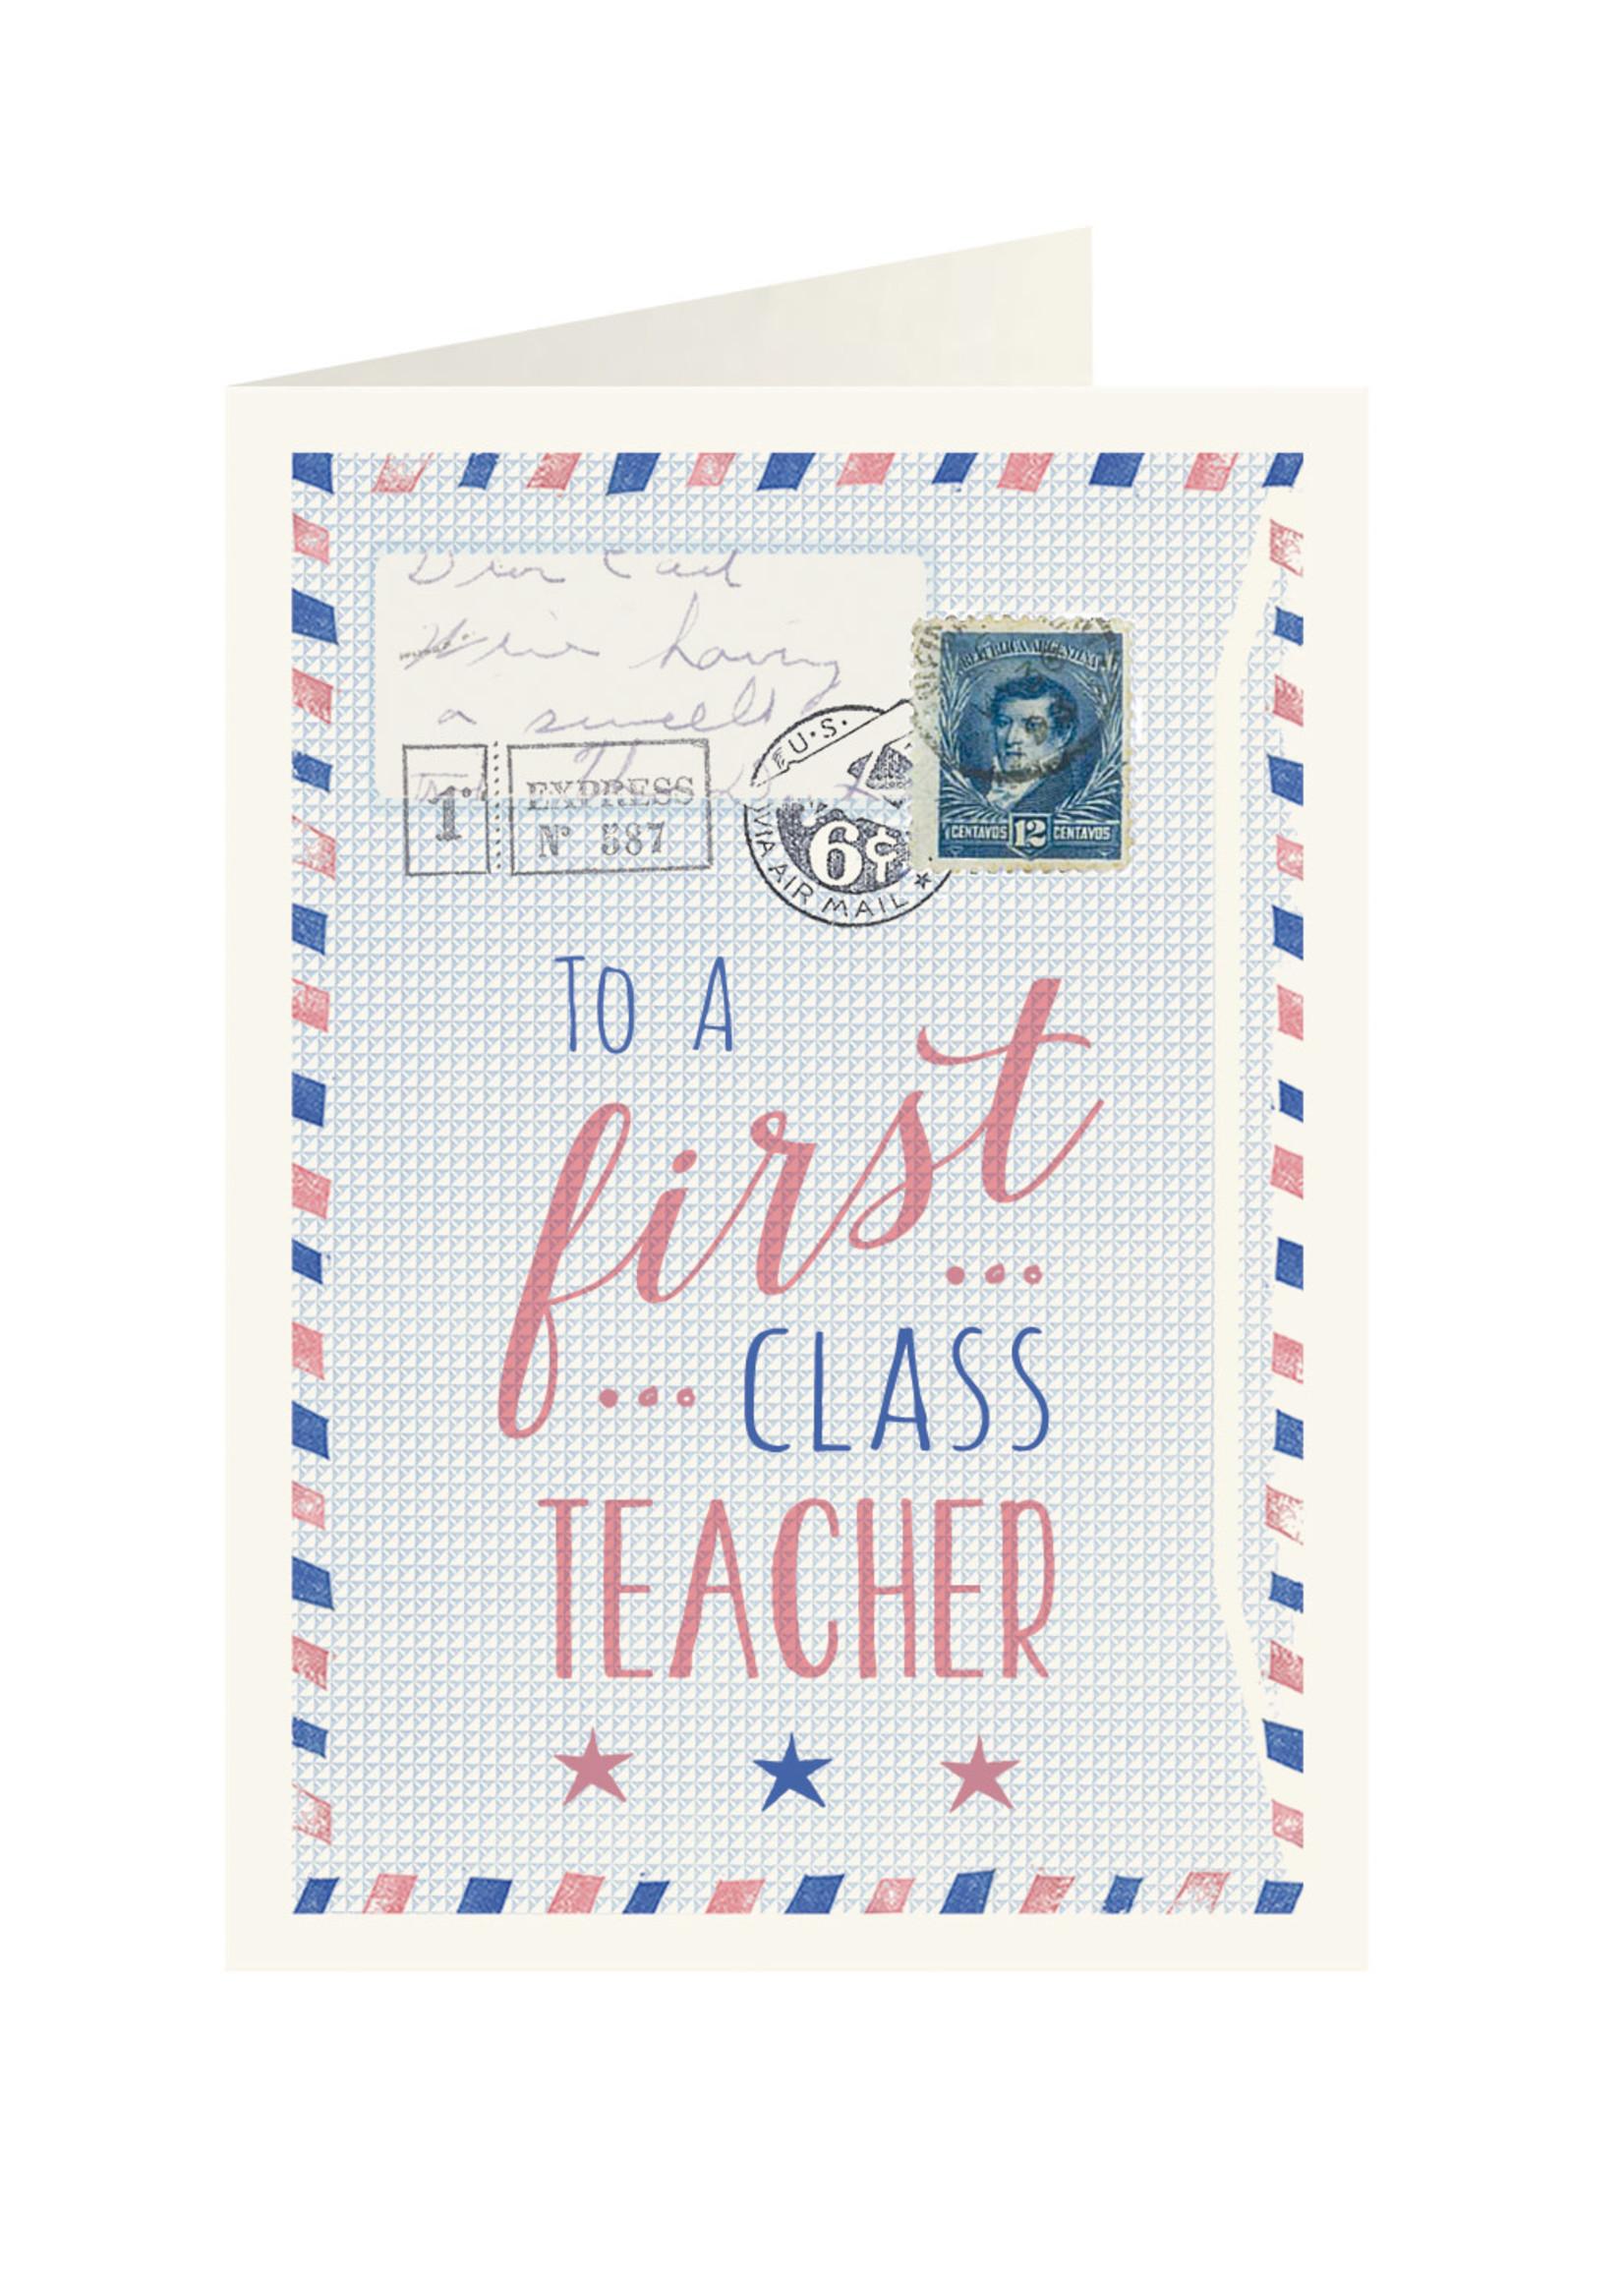 To first class Teacher